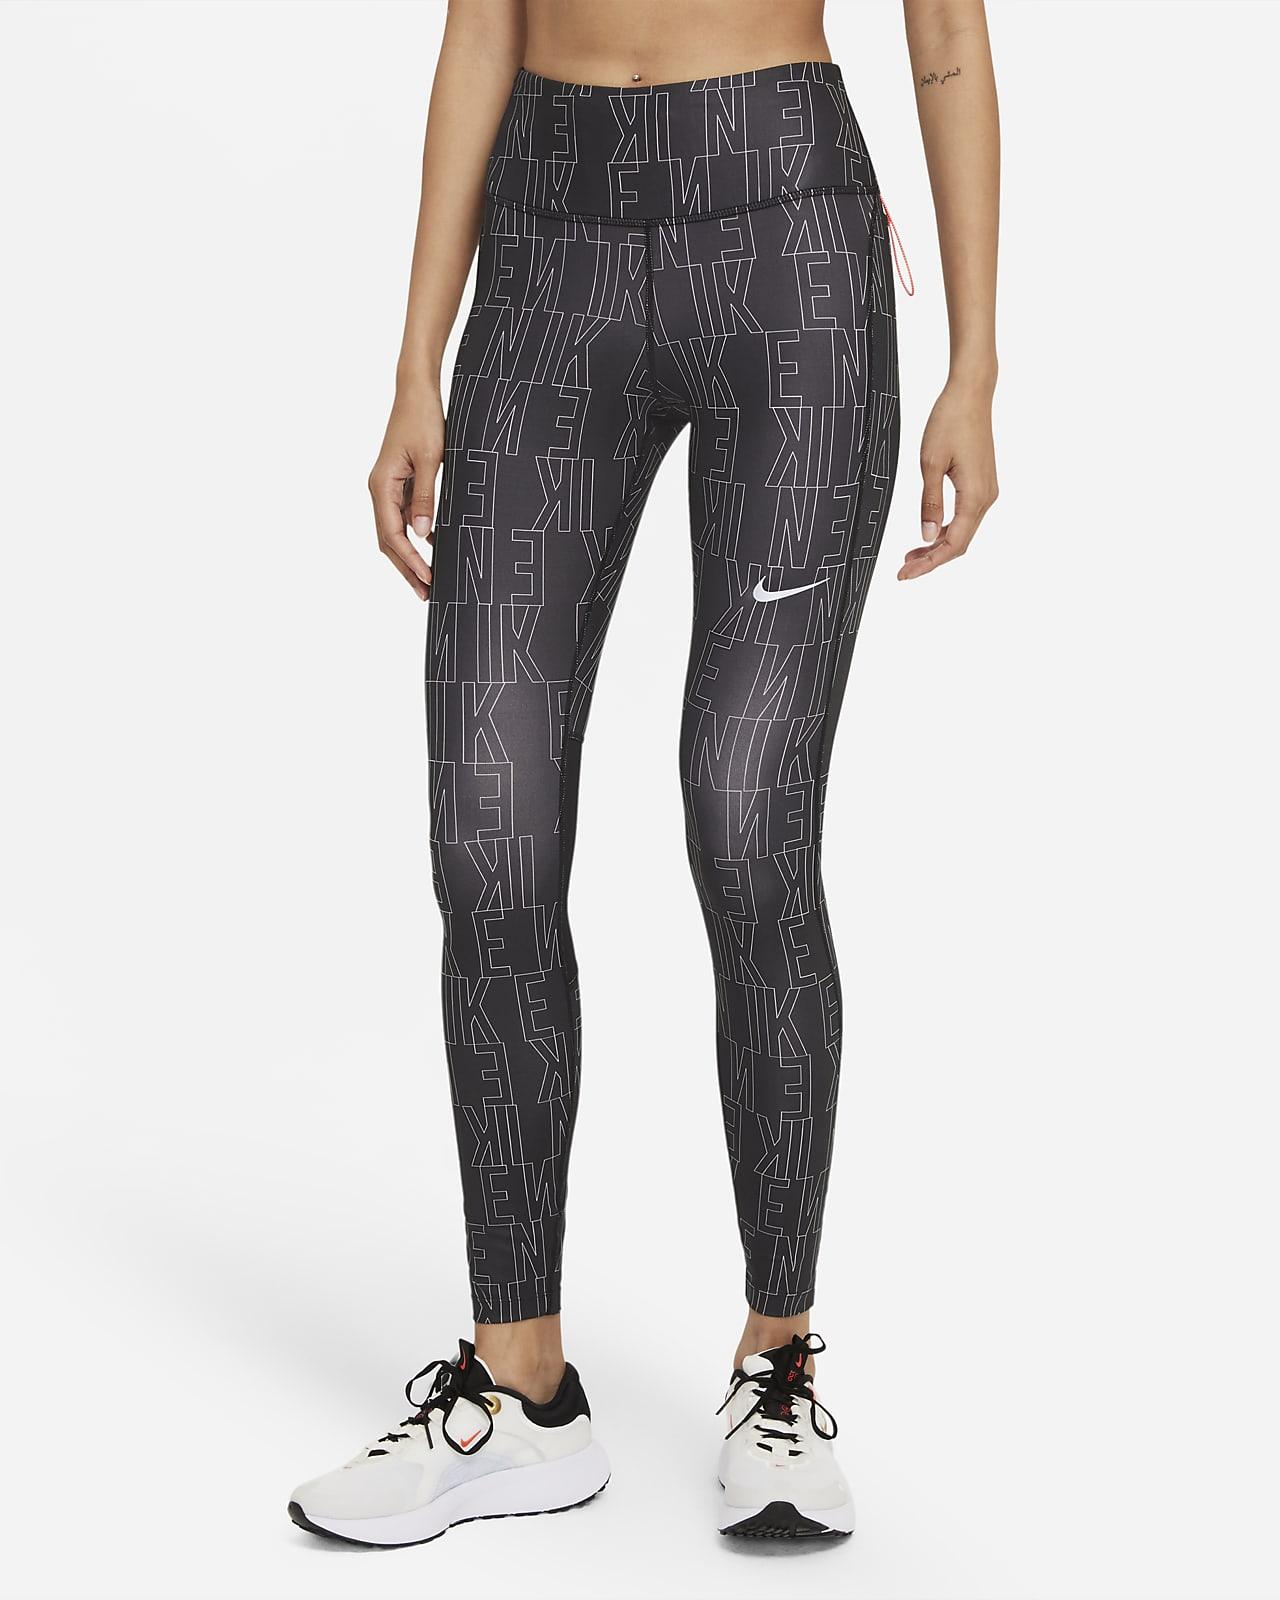 Dámské běžecké legíny Nike Dri-FIT Run Division Epic Fast se středně vysokým pasem